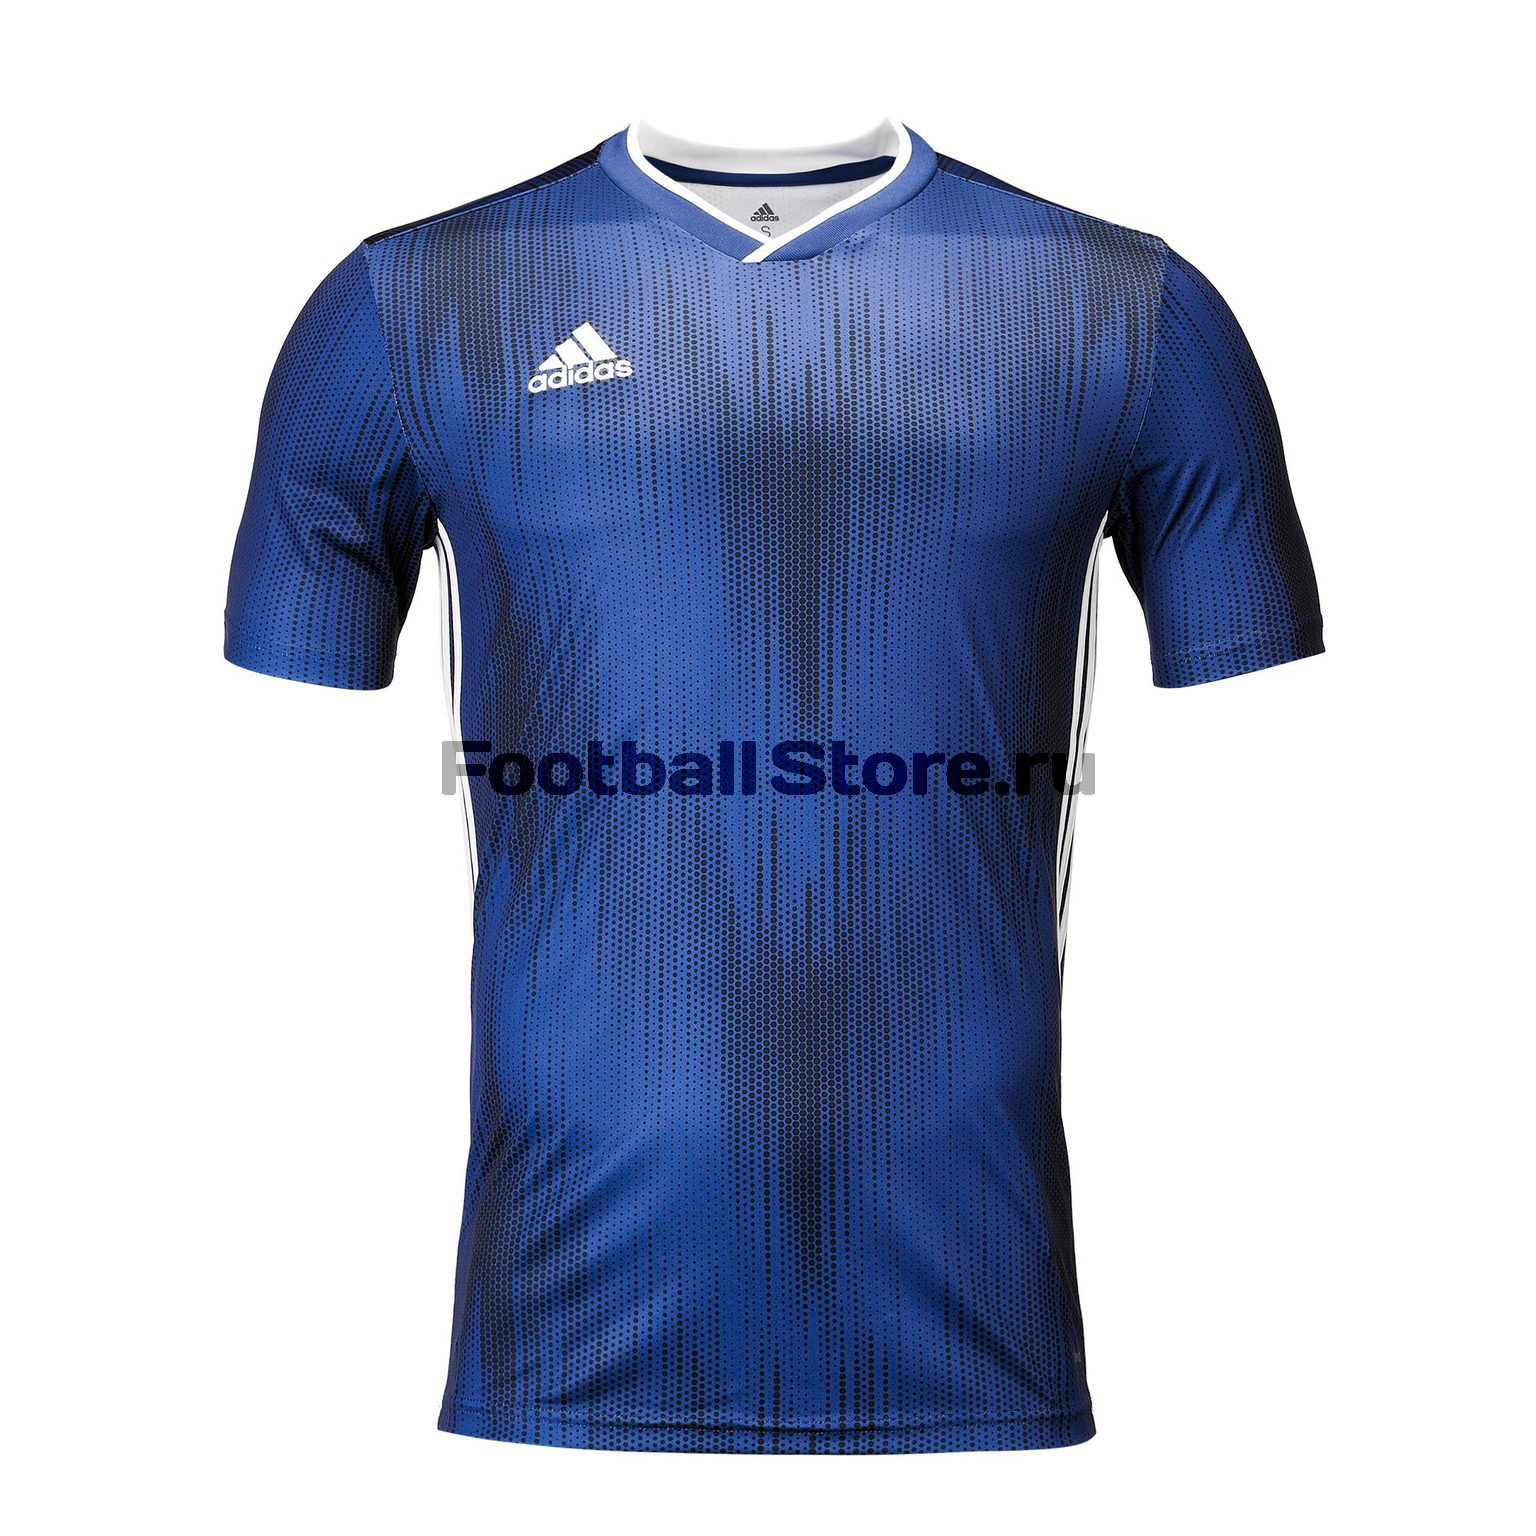 Футболка игровая Adidas Tiro19 JSY DP3533 футболка тренировочная adidas tiro19 tr jsy dt5288